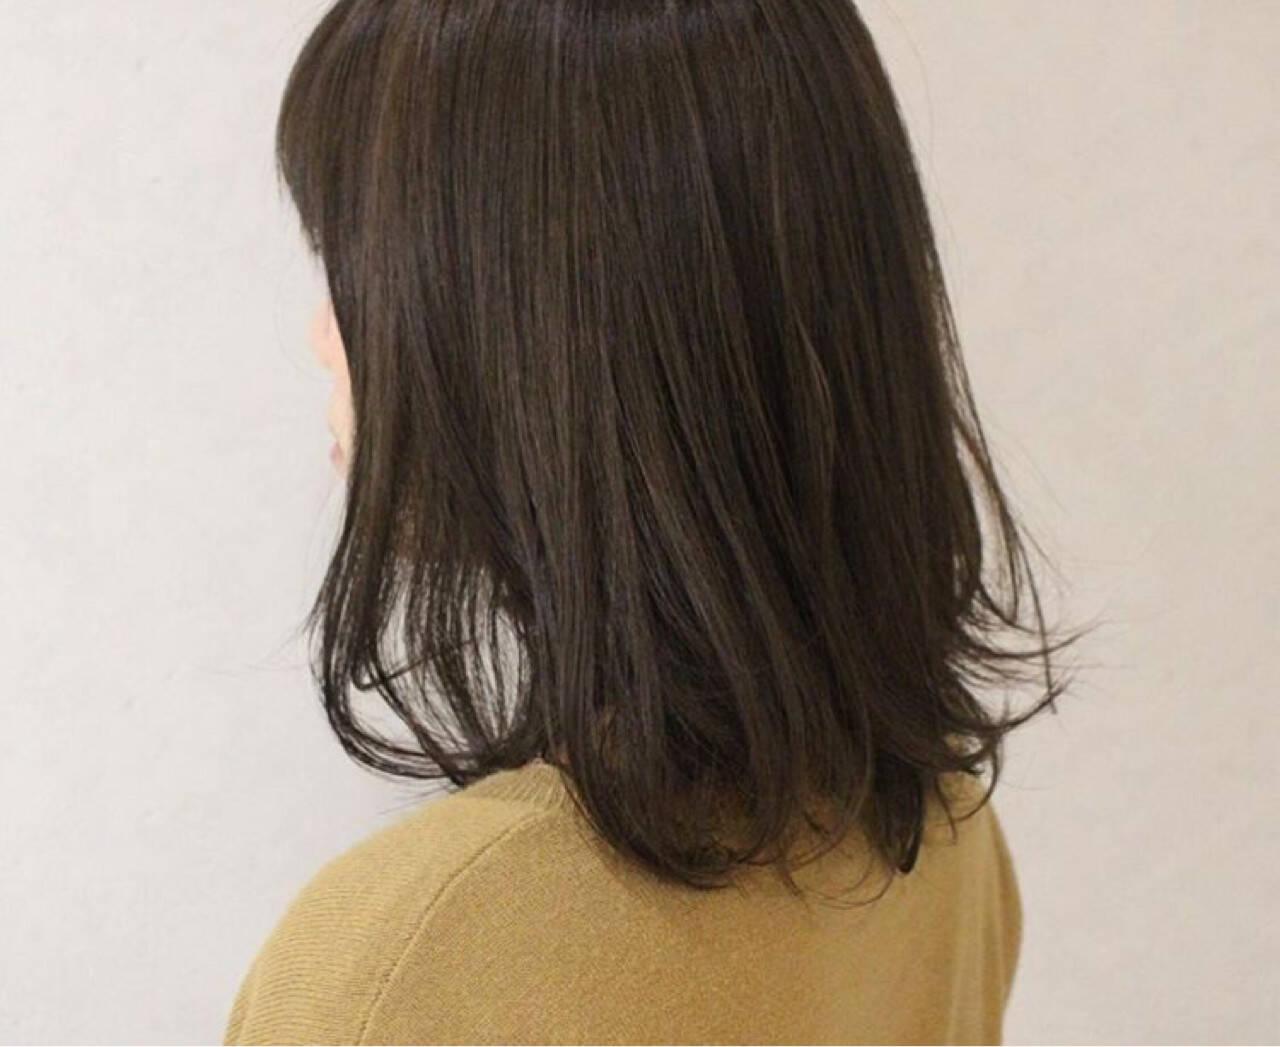 グレージュ ハイライト ナチュラル ミディアムヘアスタイルや髪型の写真・画像